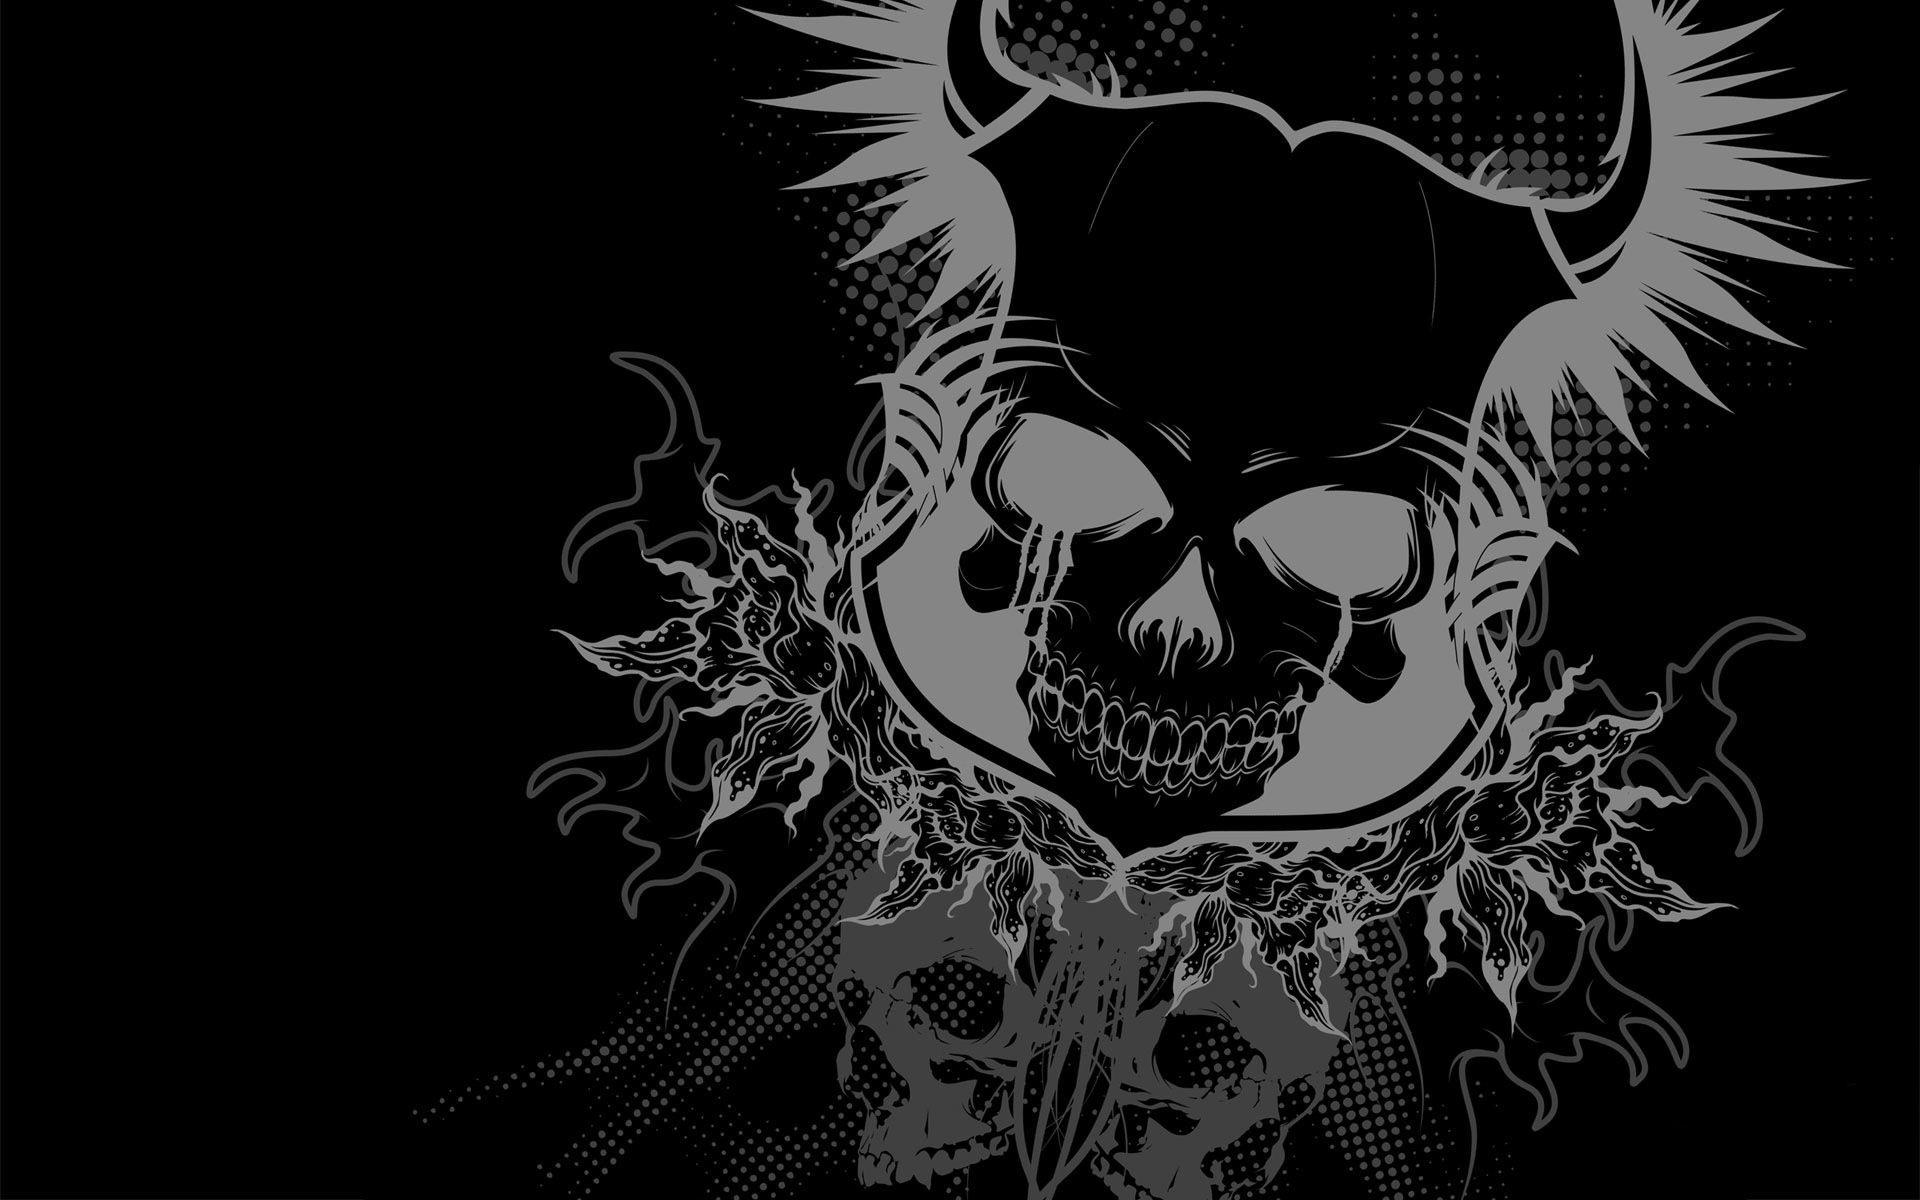 Skull wallpaper   487684 1920x1200